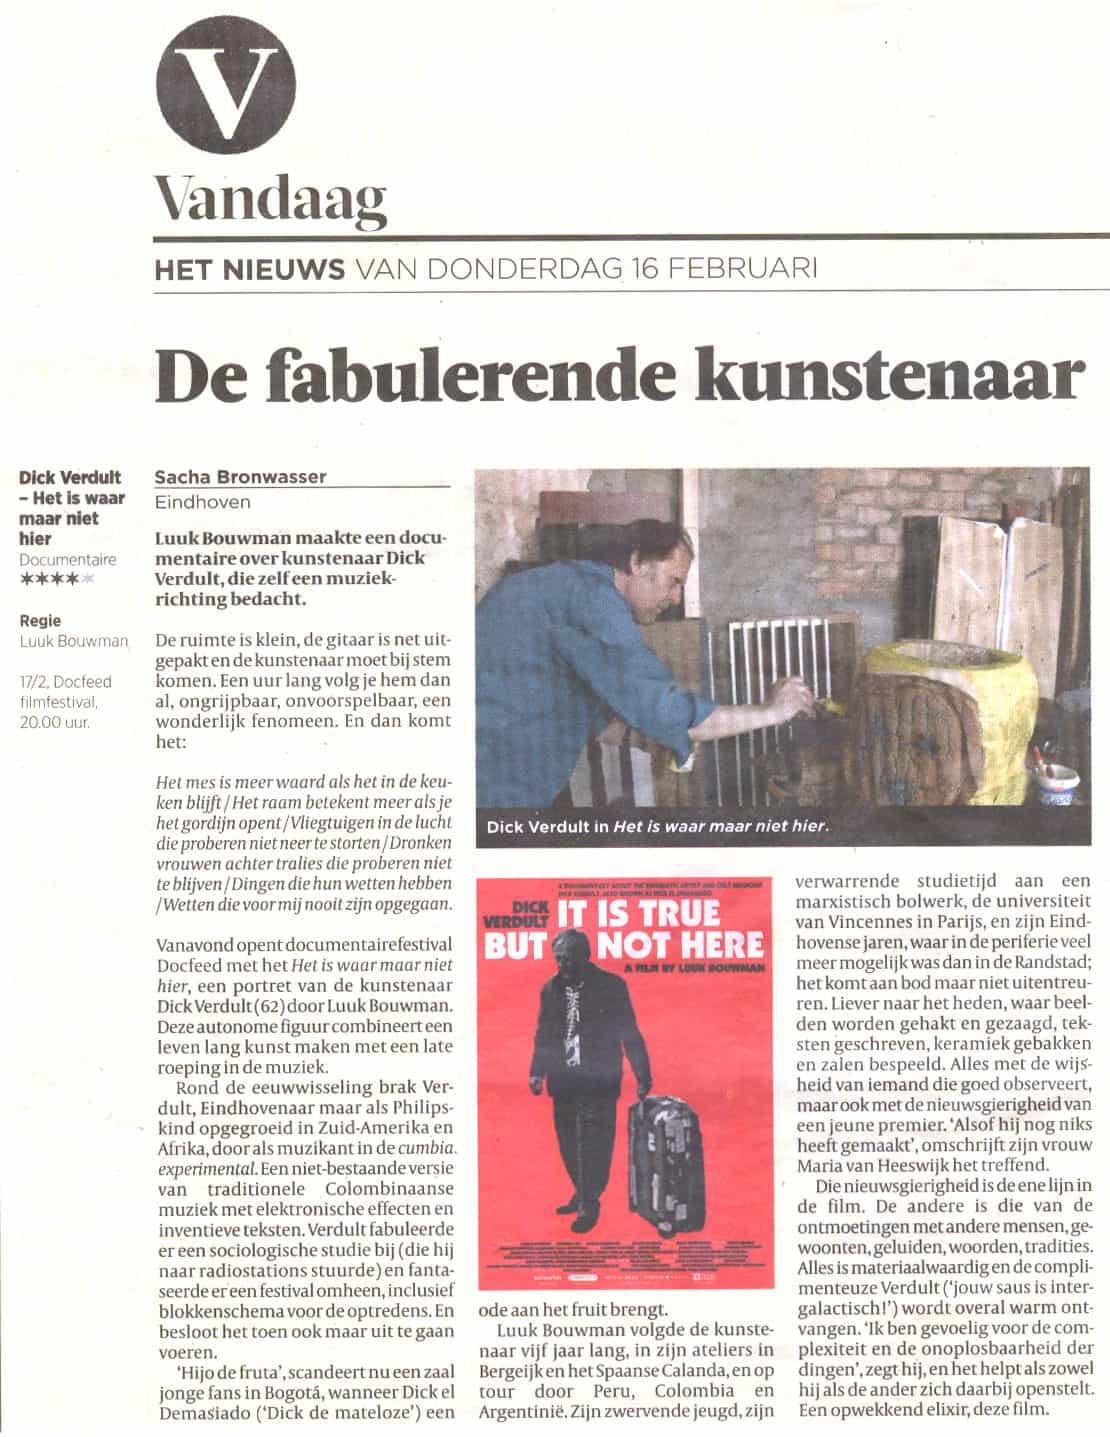 Volkskrant-4-sterren-documentaire-dick-verdult-